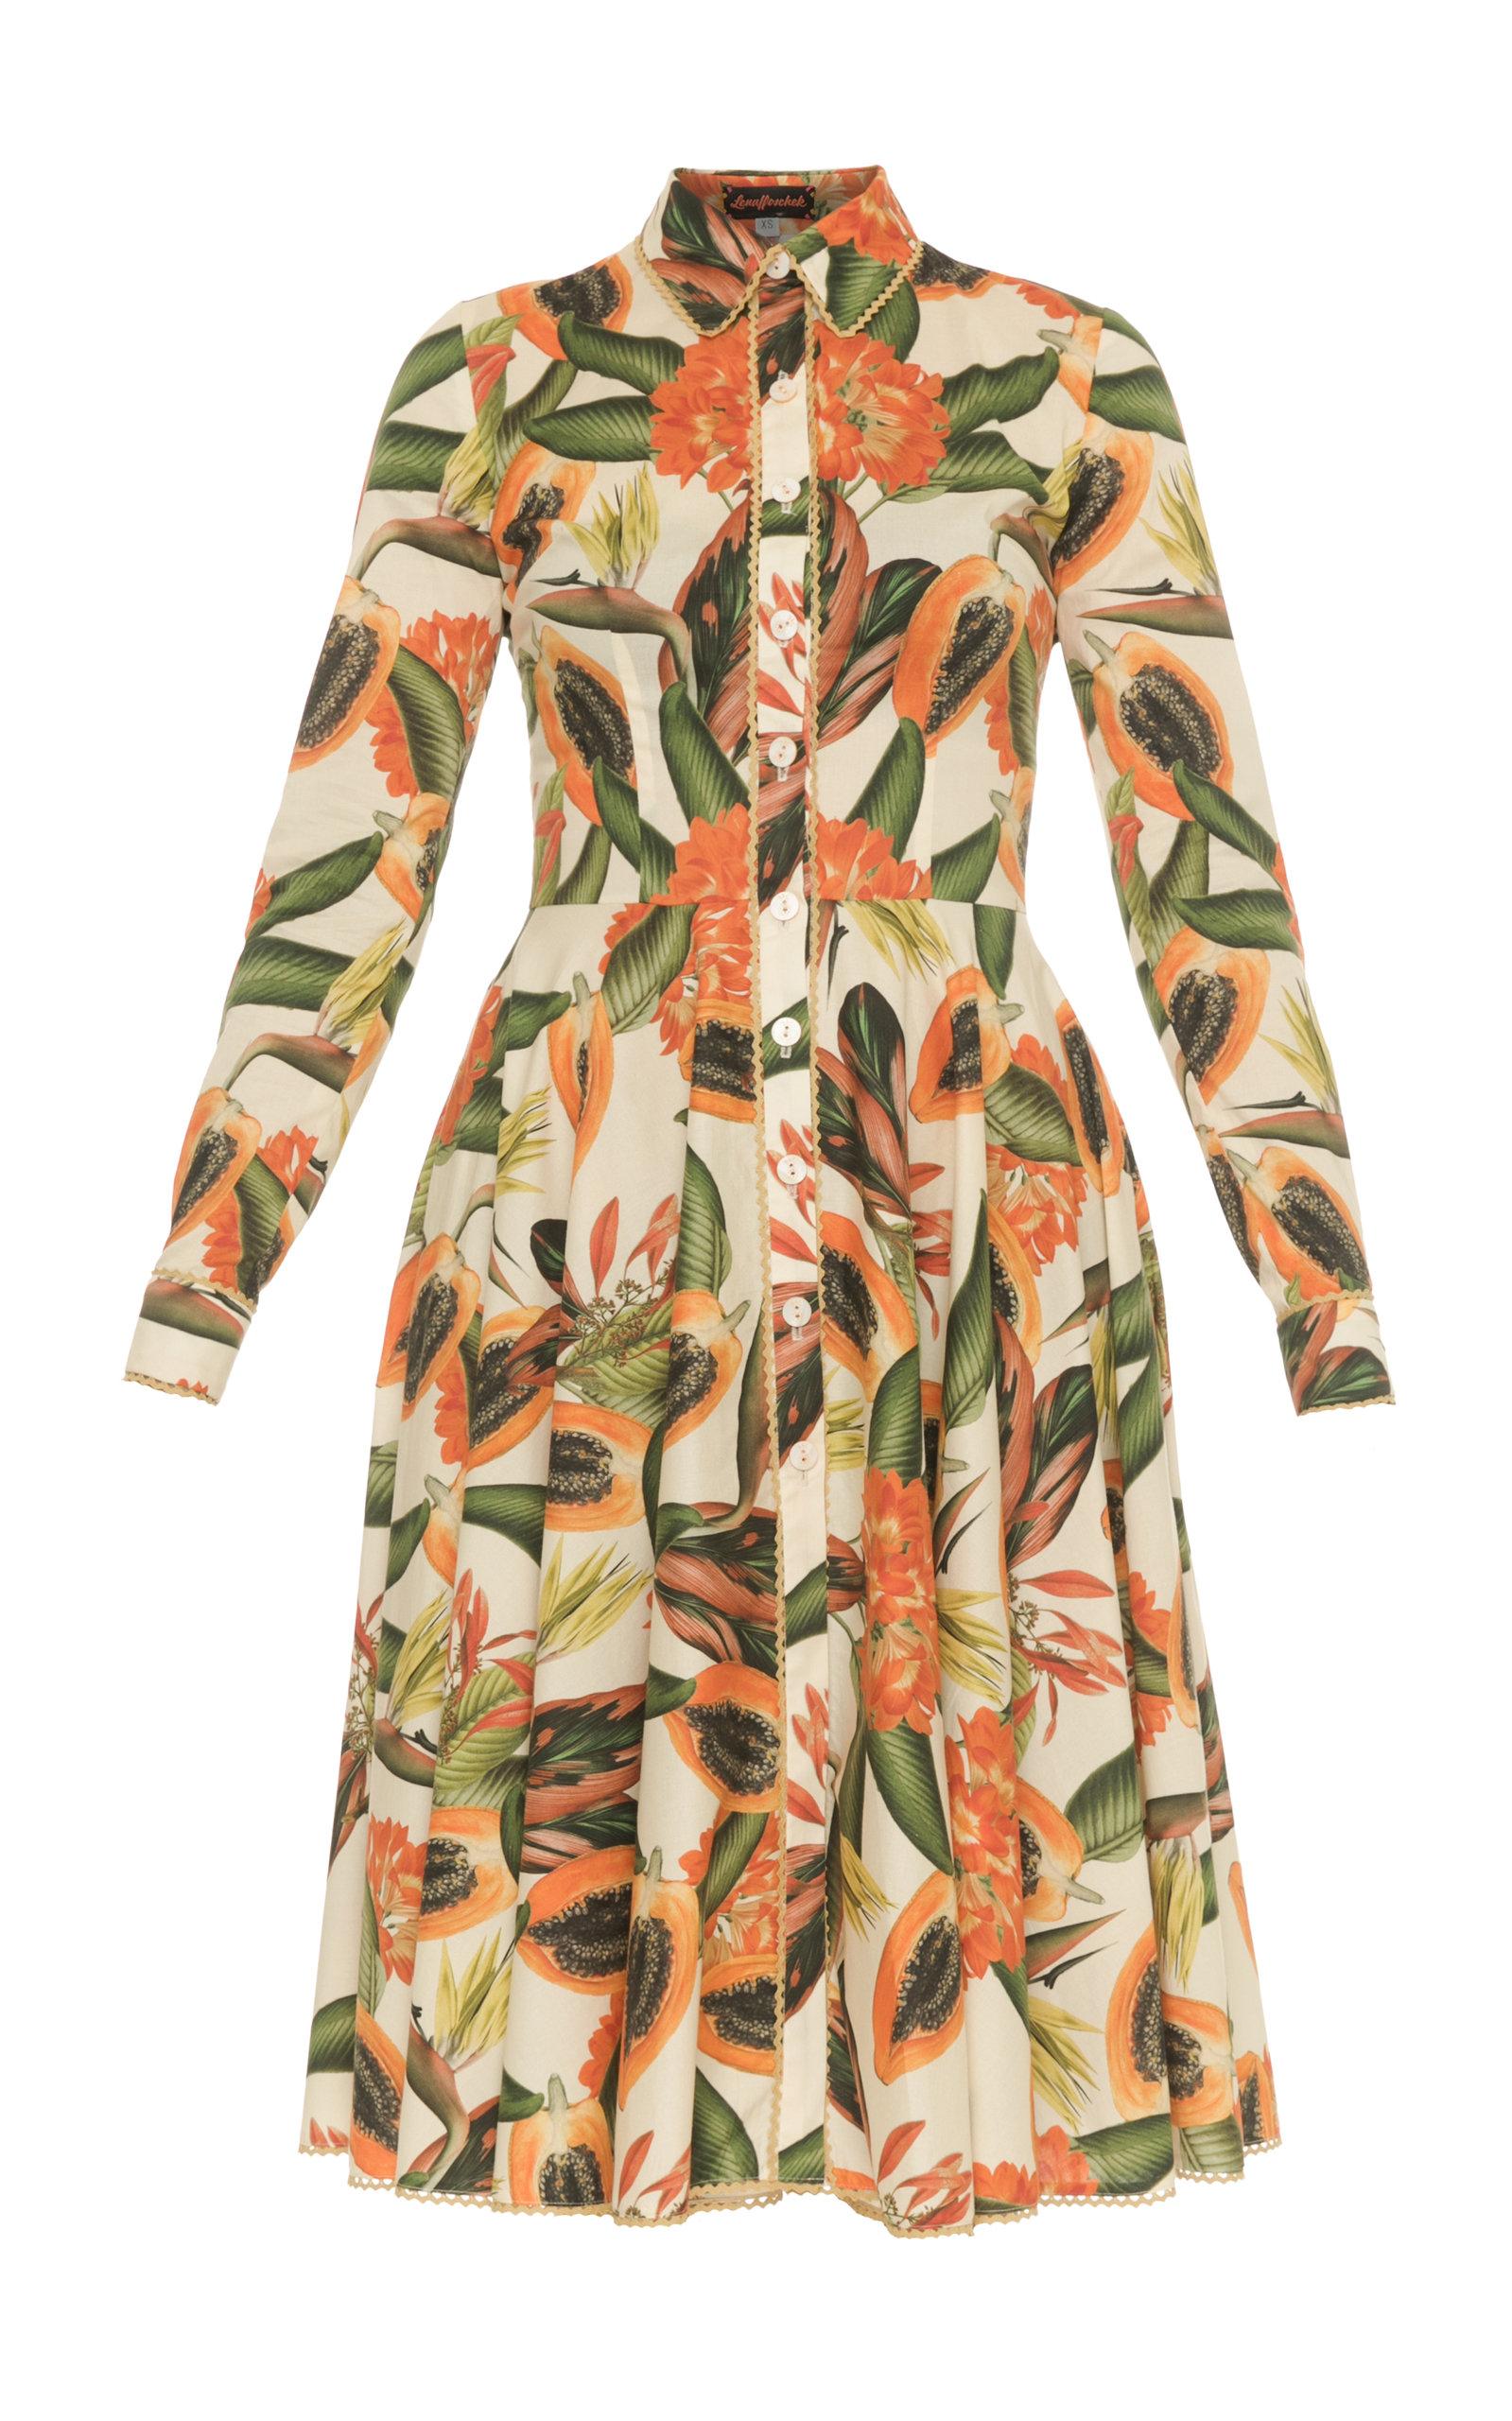 BELIZE SHIRT DRESS